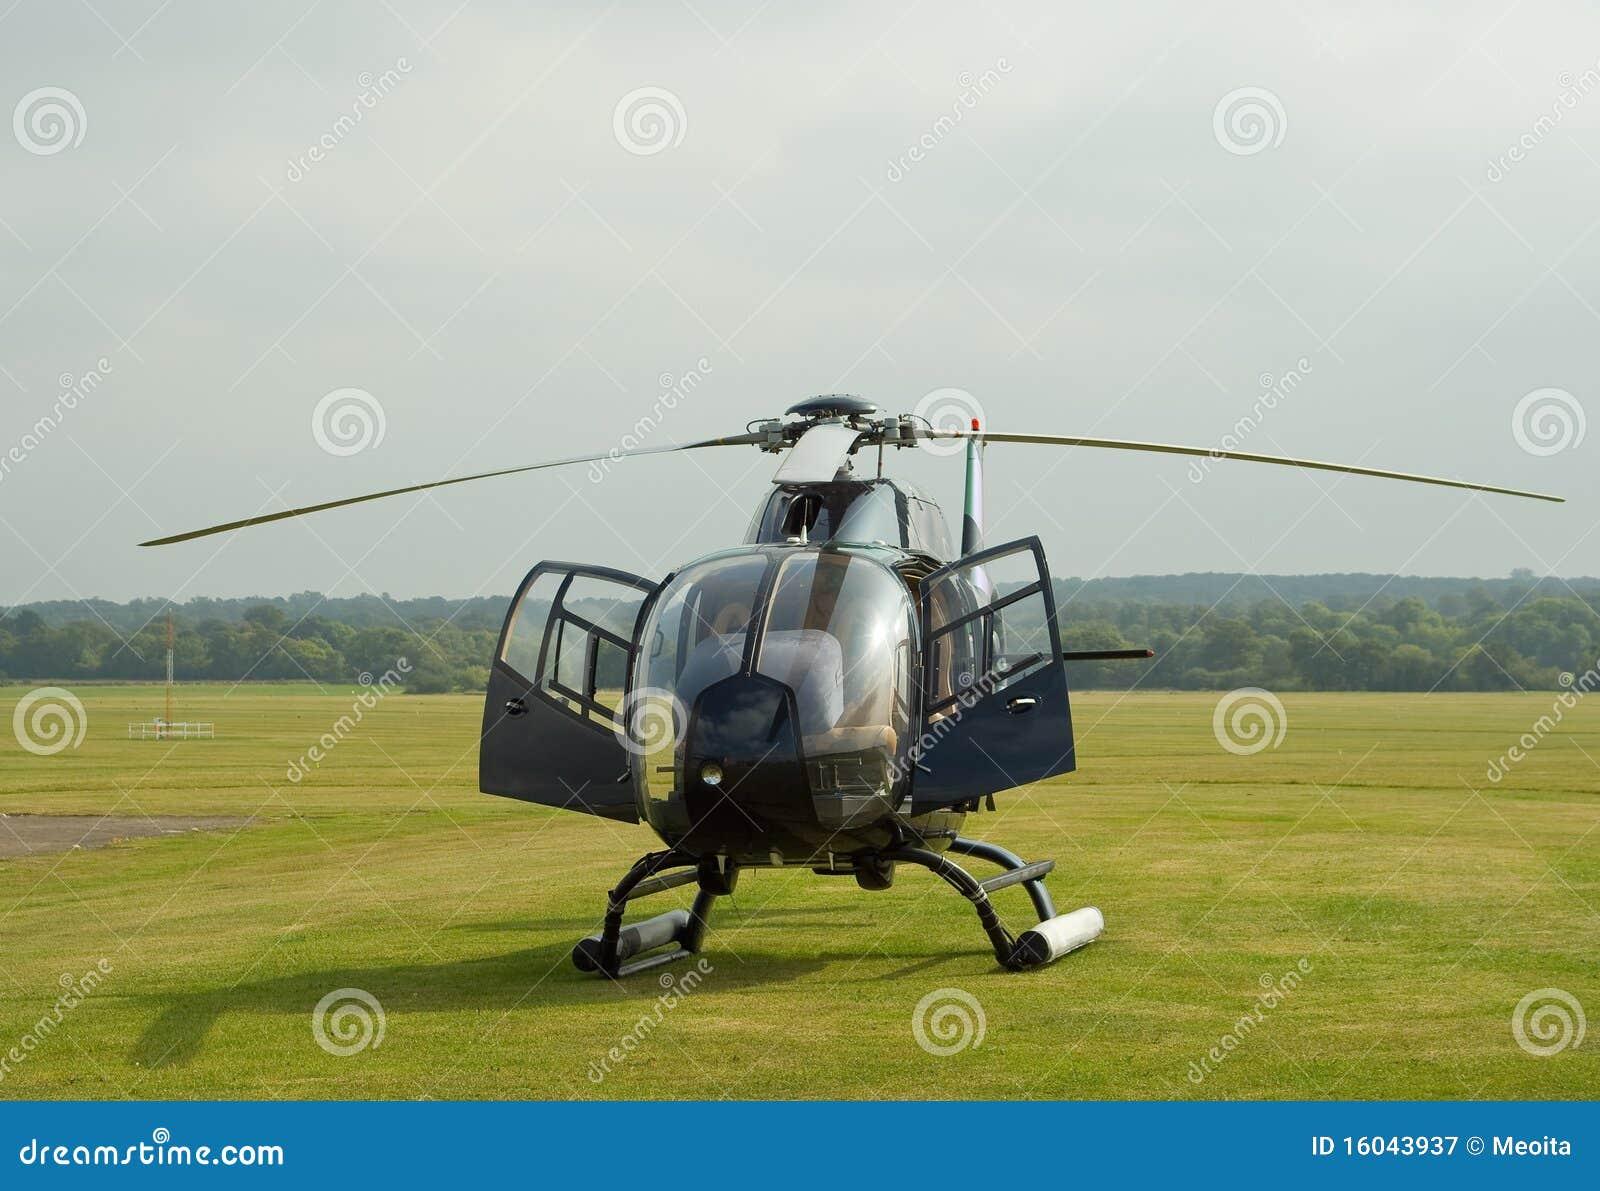 Elicottero Piccolo : Annerisca l elicottero ec immagine stock di